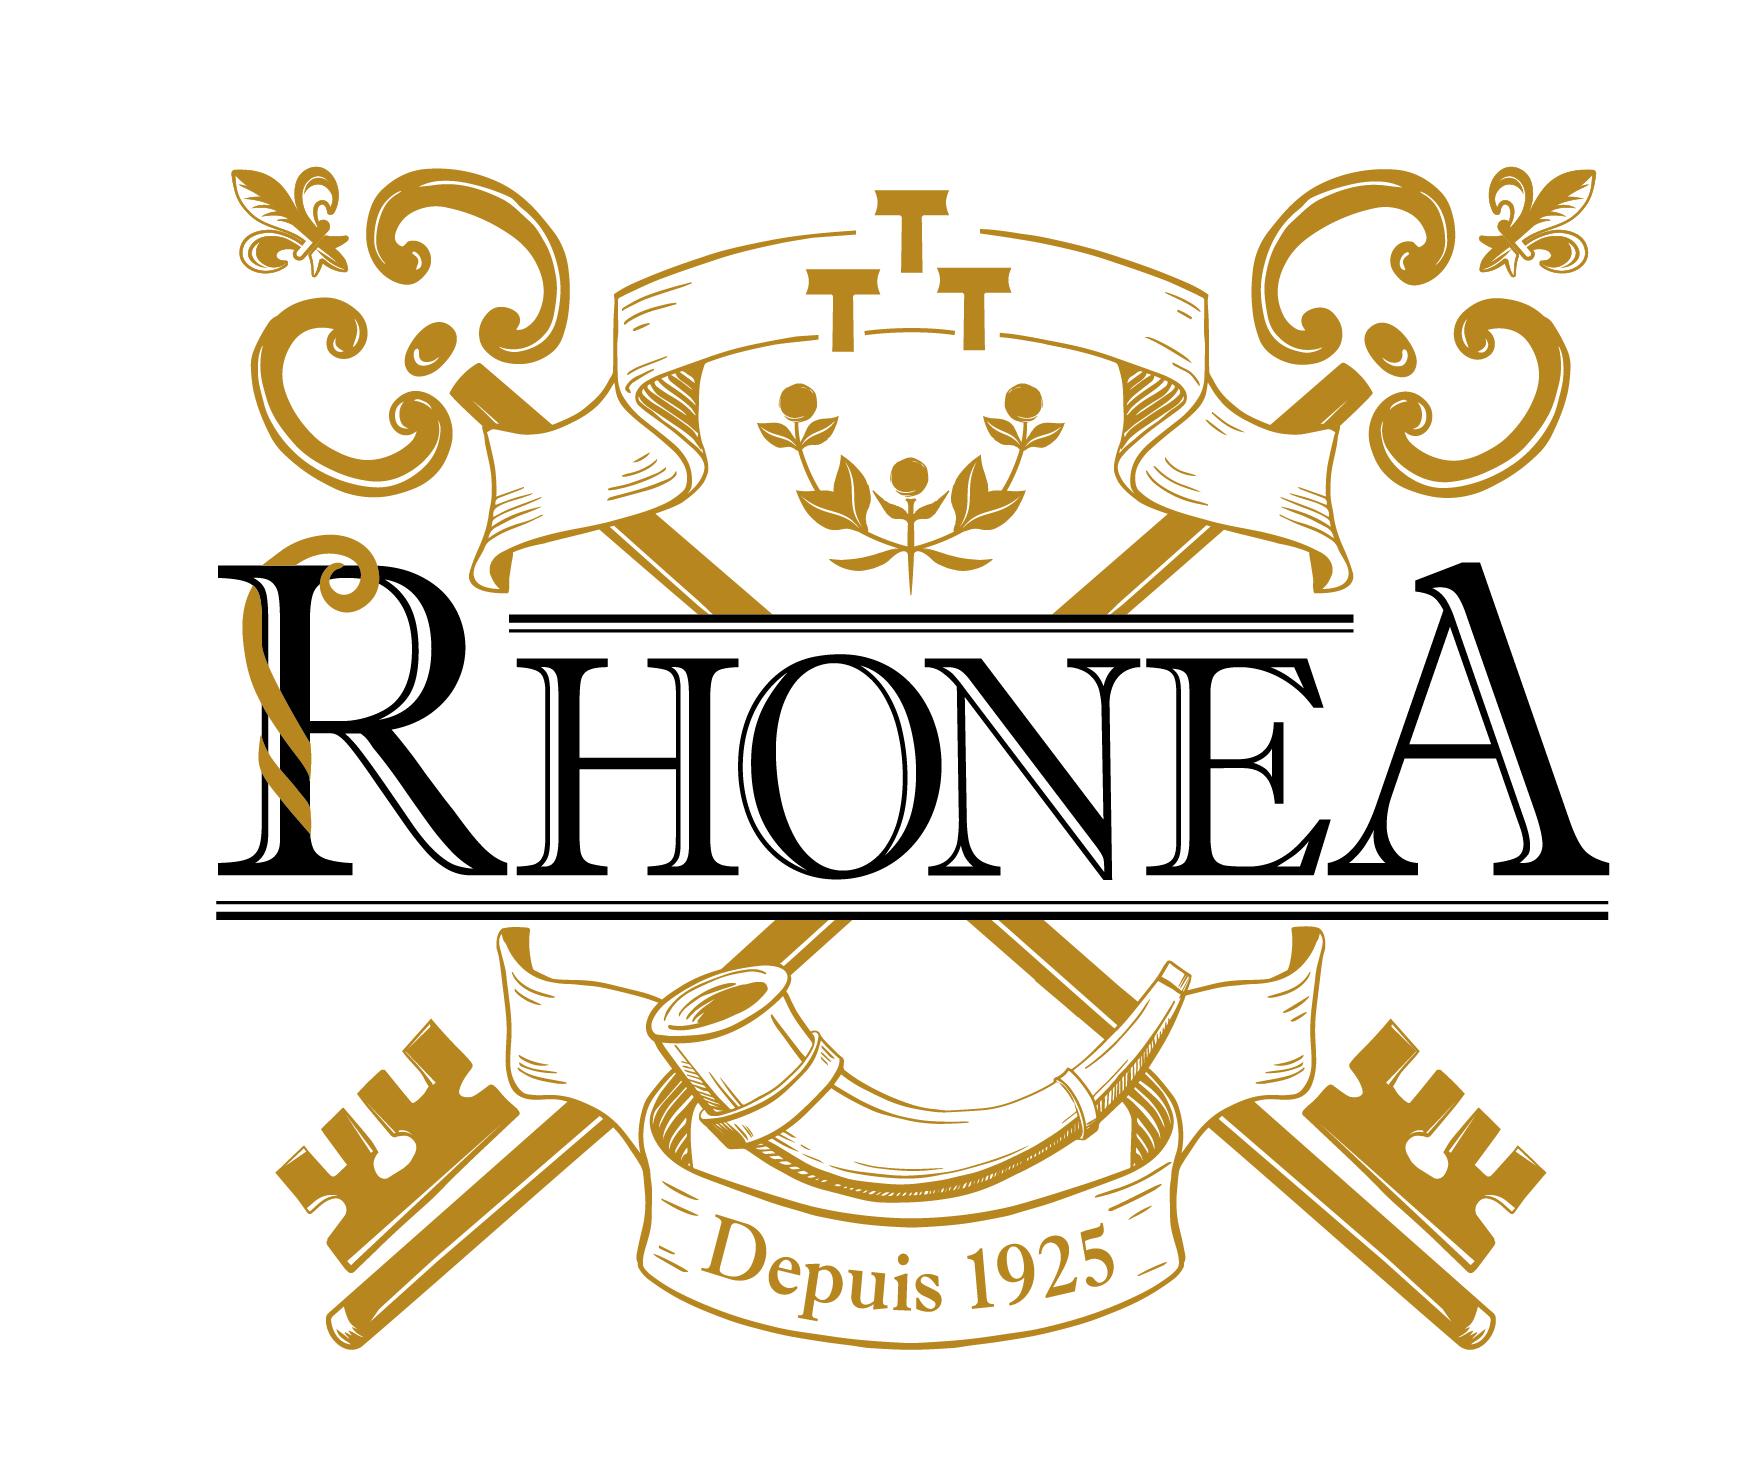 Logo Rhonéa